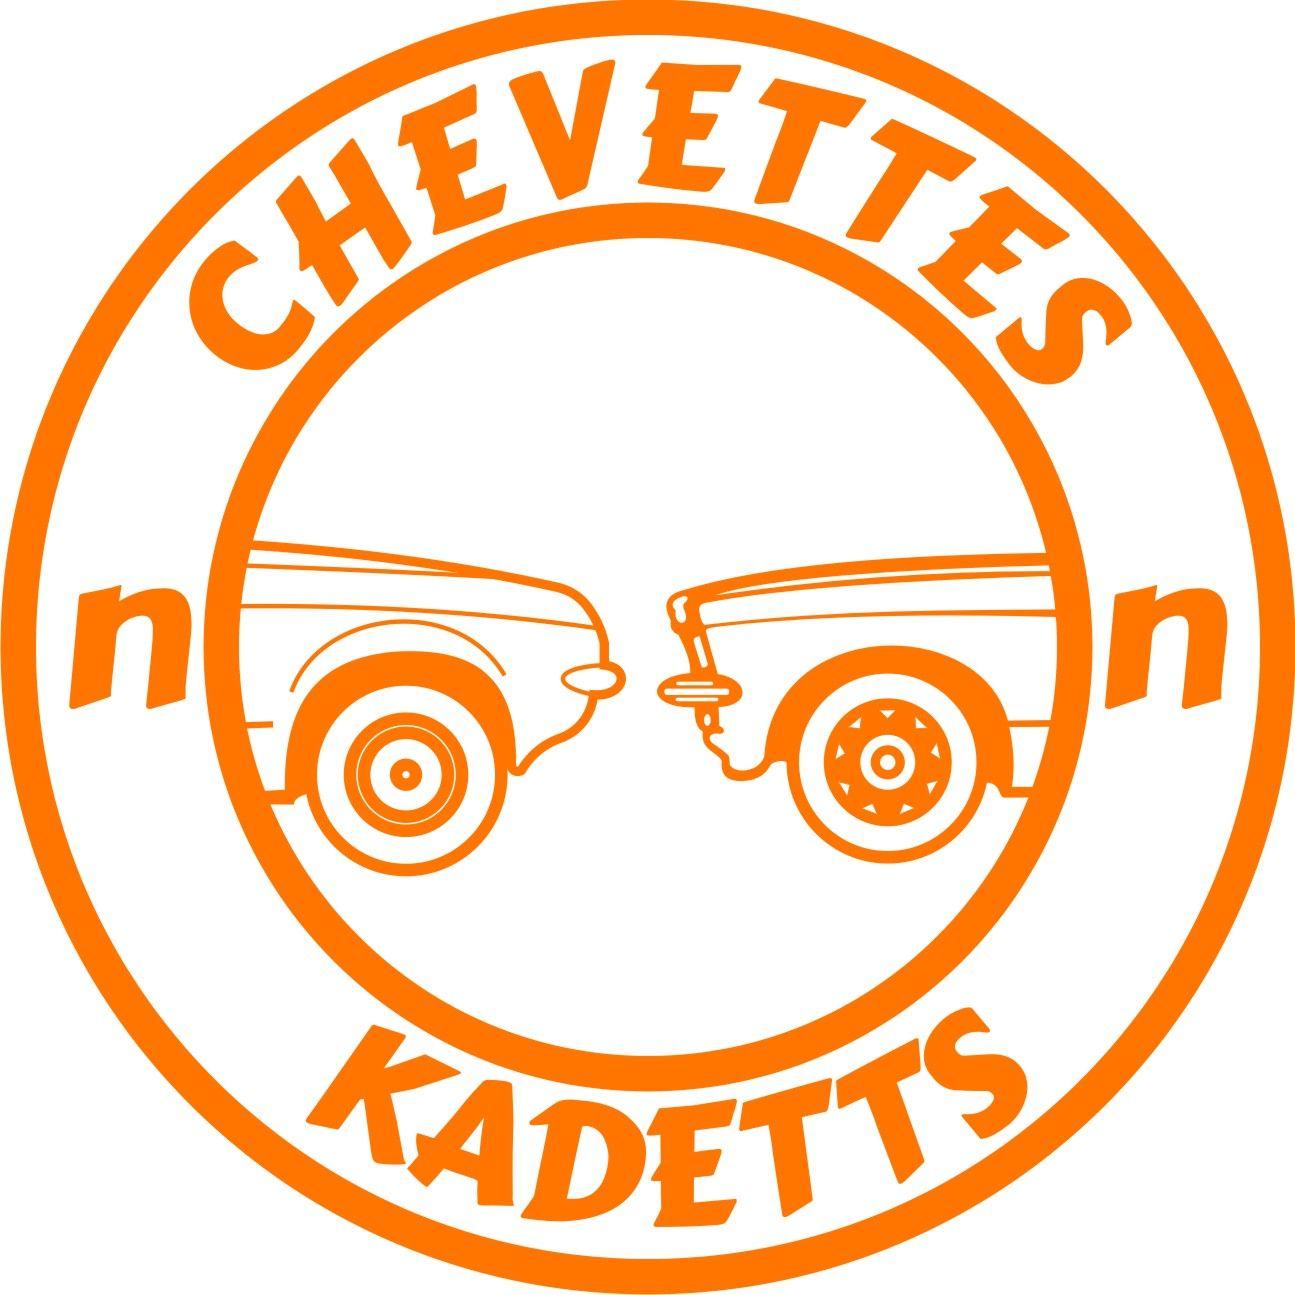 ChevettesnKadetts